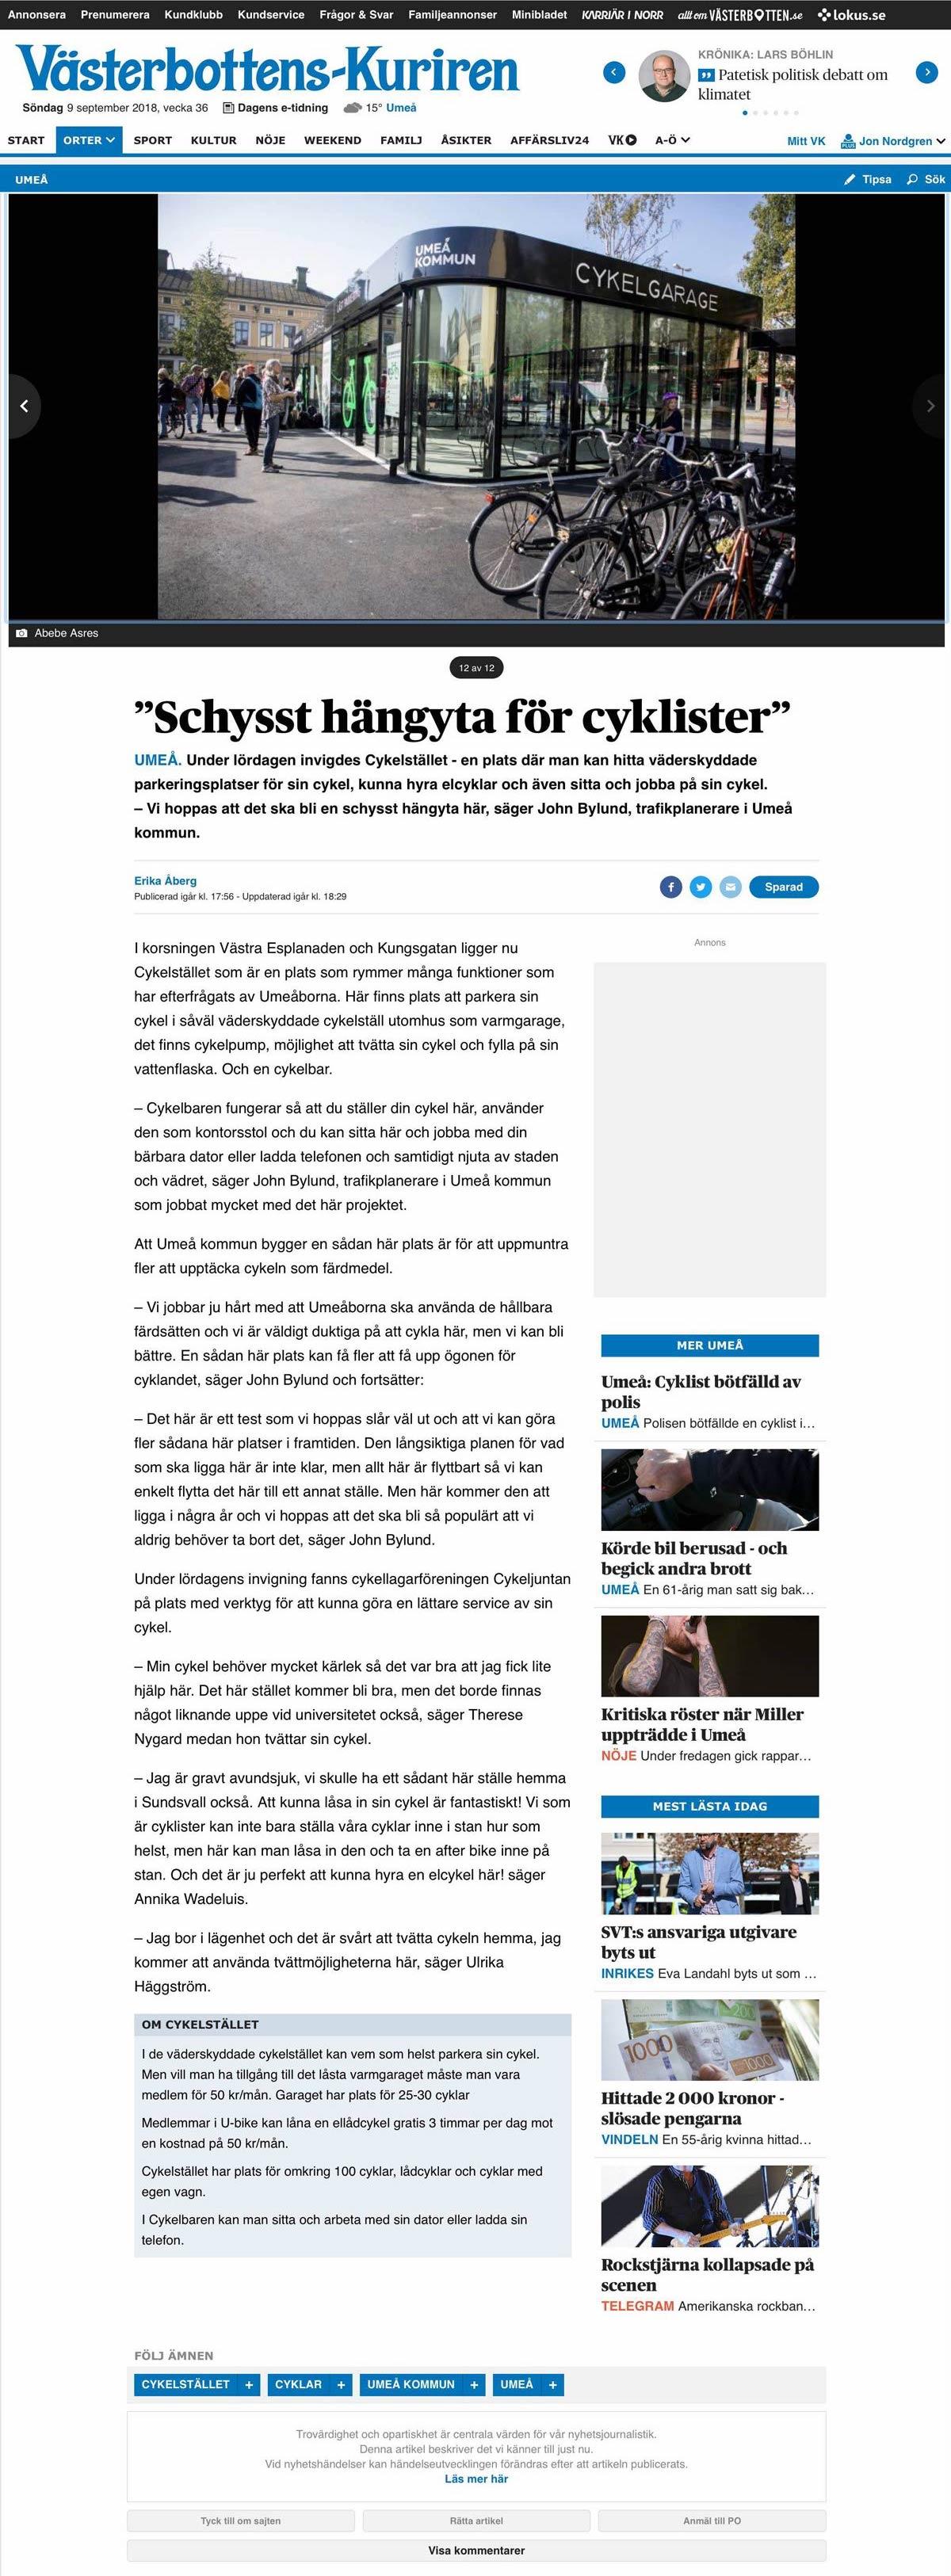 """Västerbottenkuriren rapporterar om invigningen av """"Cykelstället"""" i Umeå där Cyklos levererat ett uppvärmt cykelgarage, cykelställ och cykeltak"""